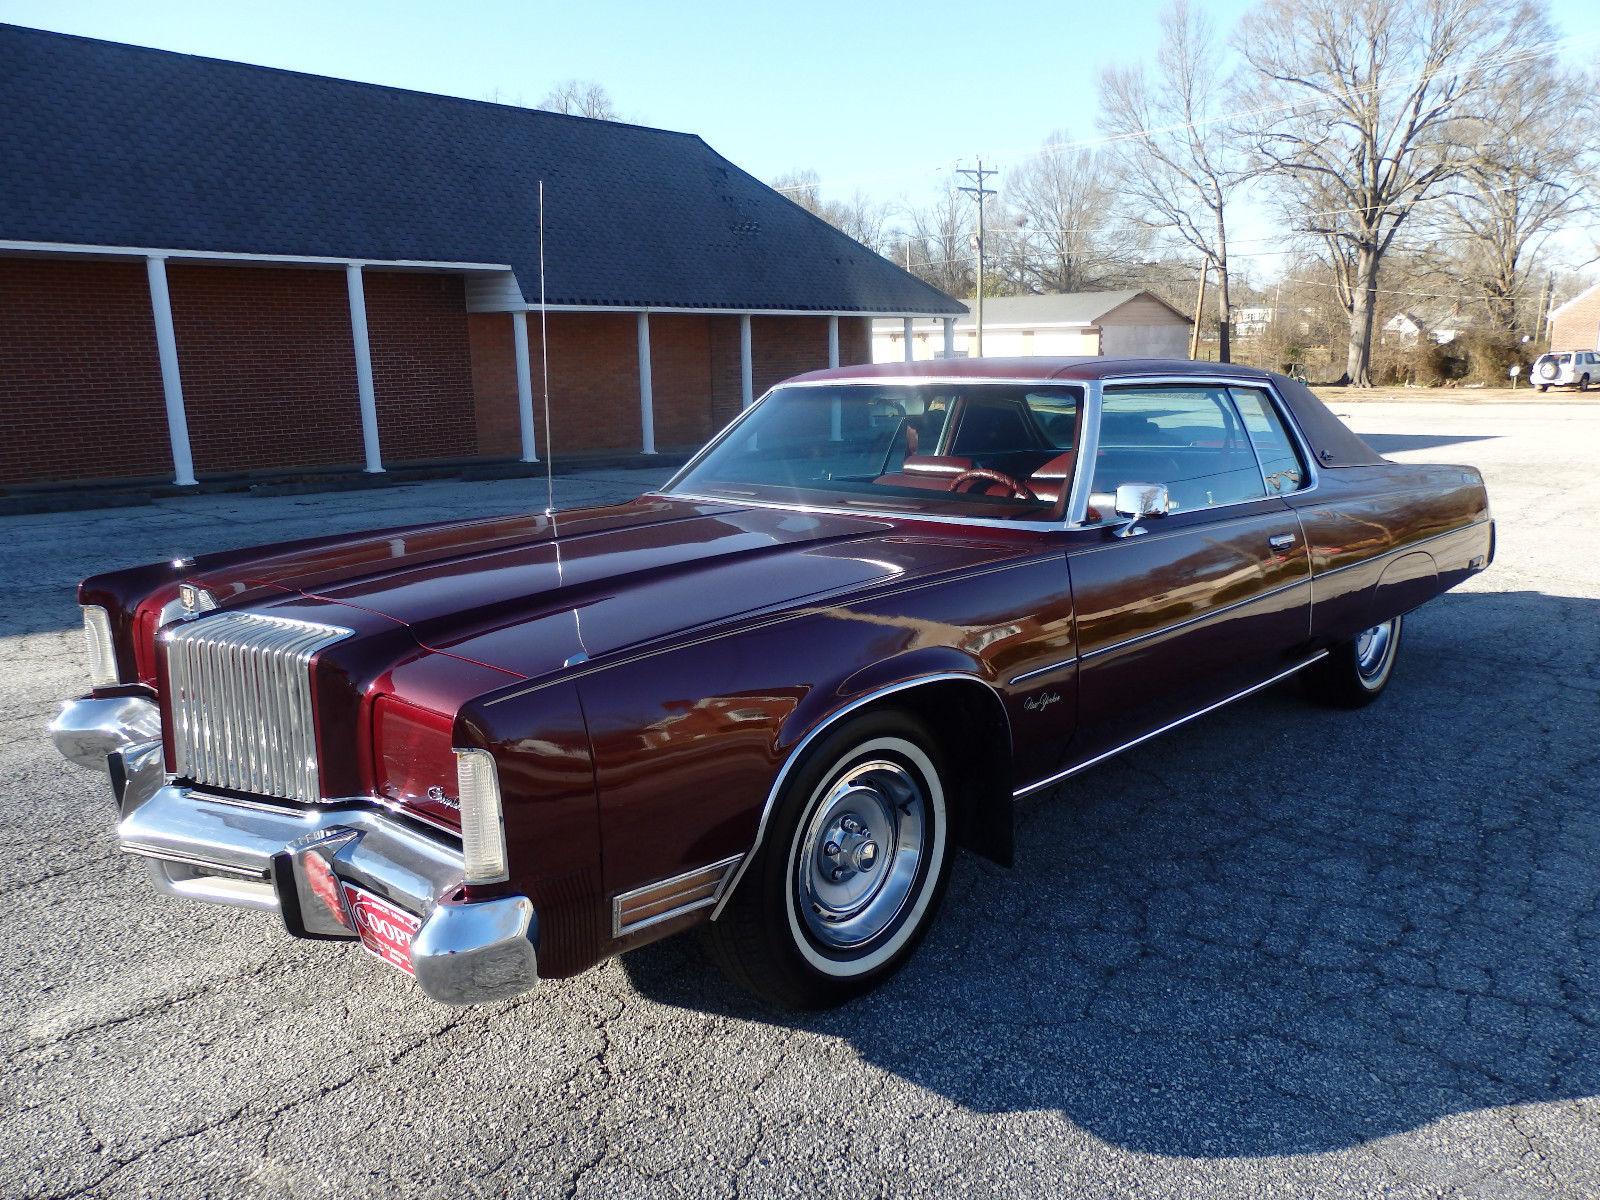 1976 Chrysler Newport 4 Door Hardtop 400 Automatic Custom New Yorker 1954 Deluxe 2 Brougham 66l